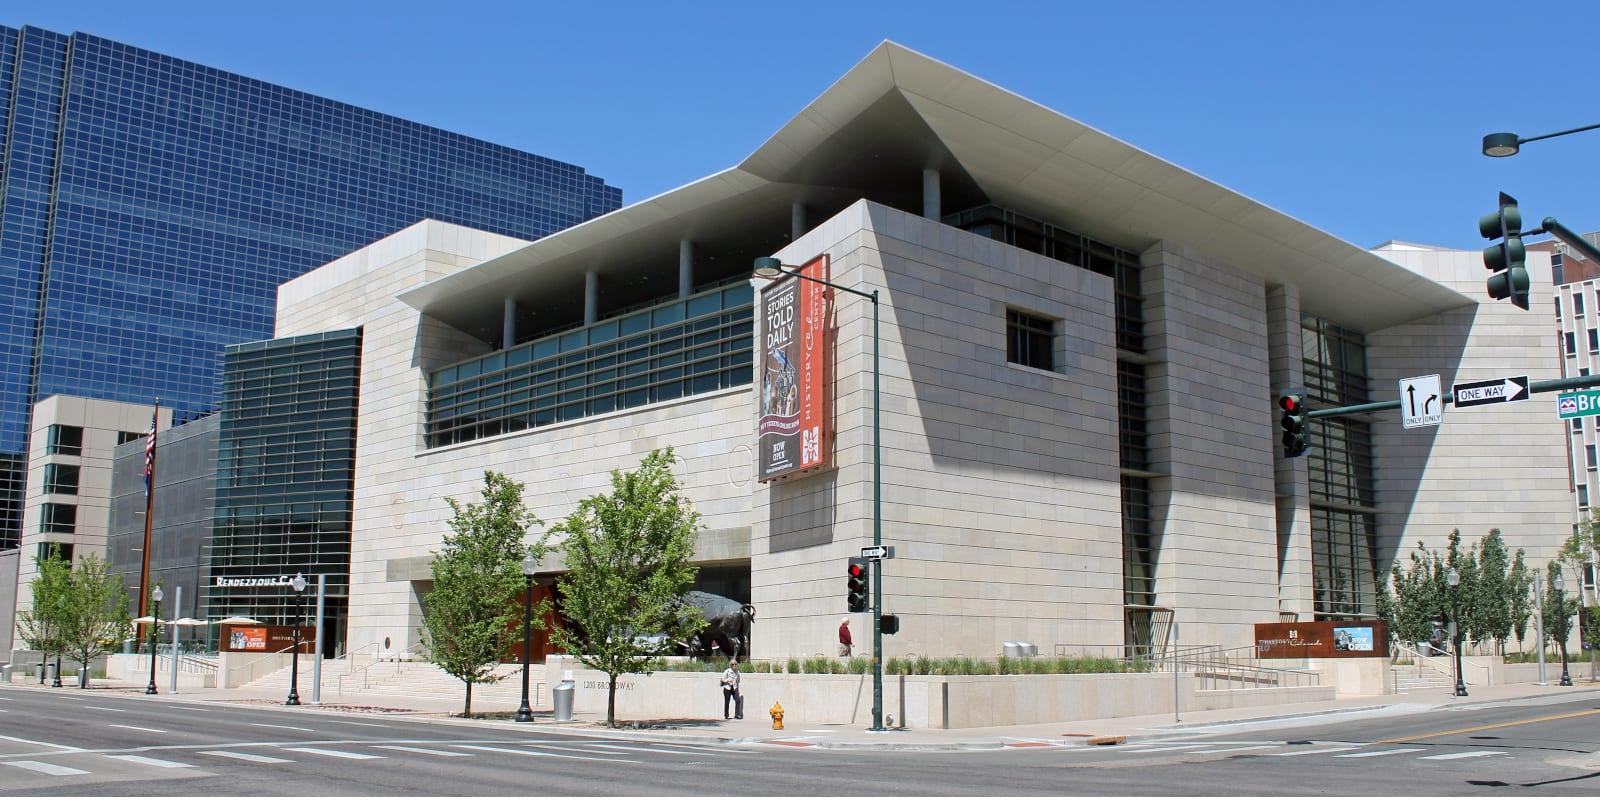 History Colorado Center in Denver